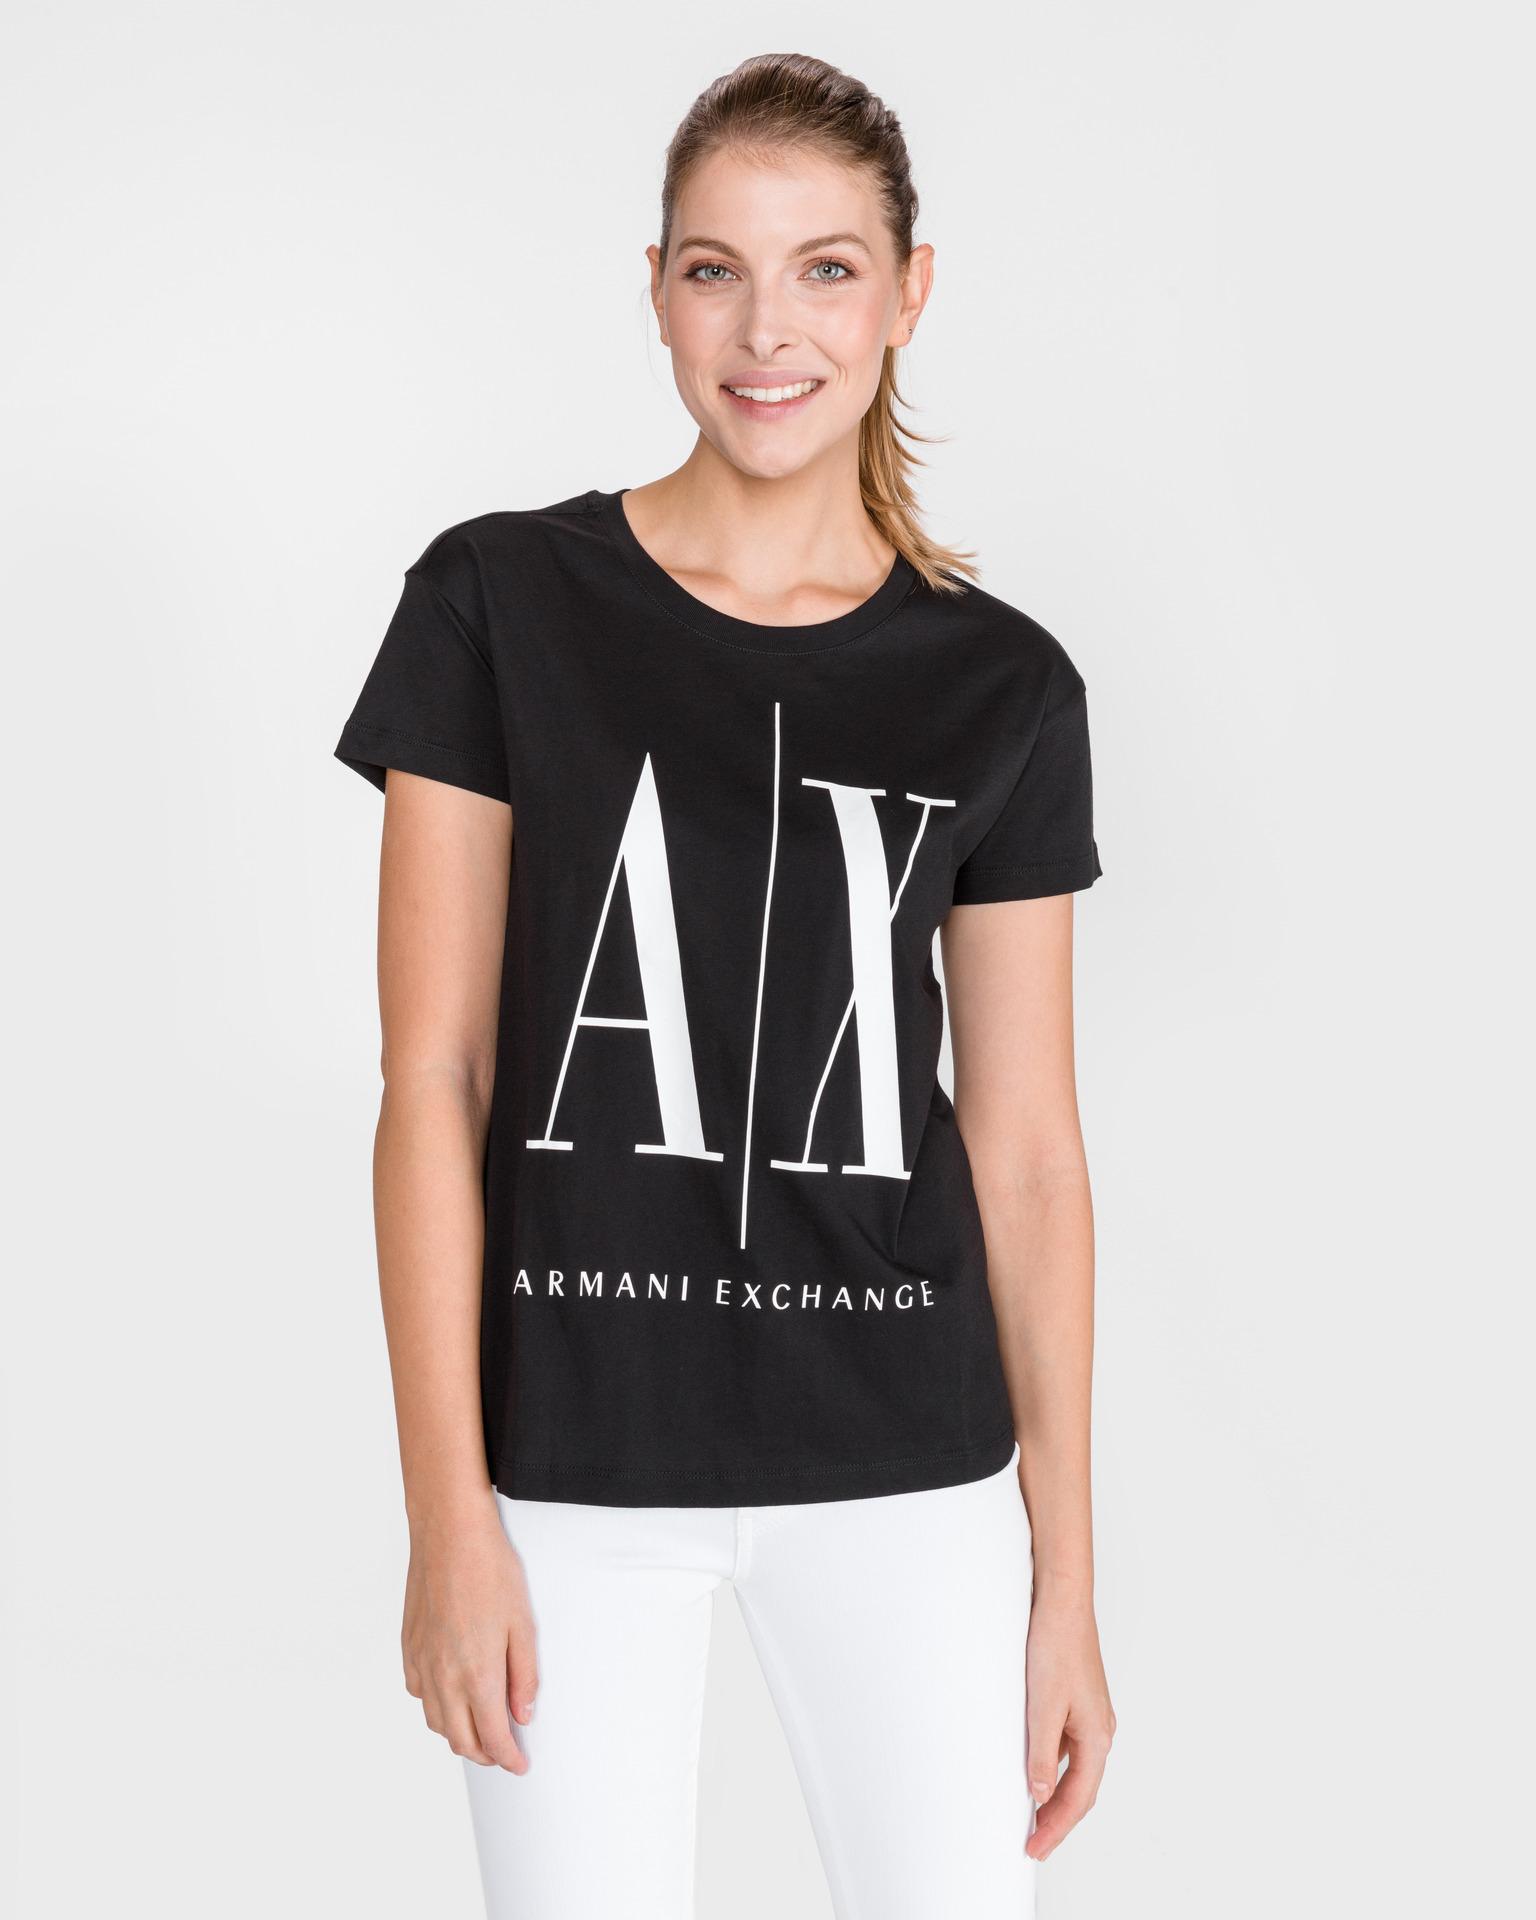 Armani Exchange nero da donna maglietta